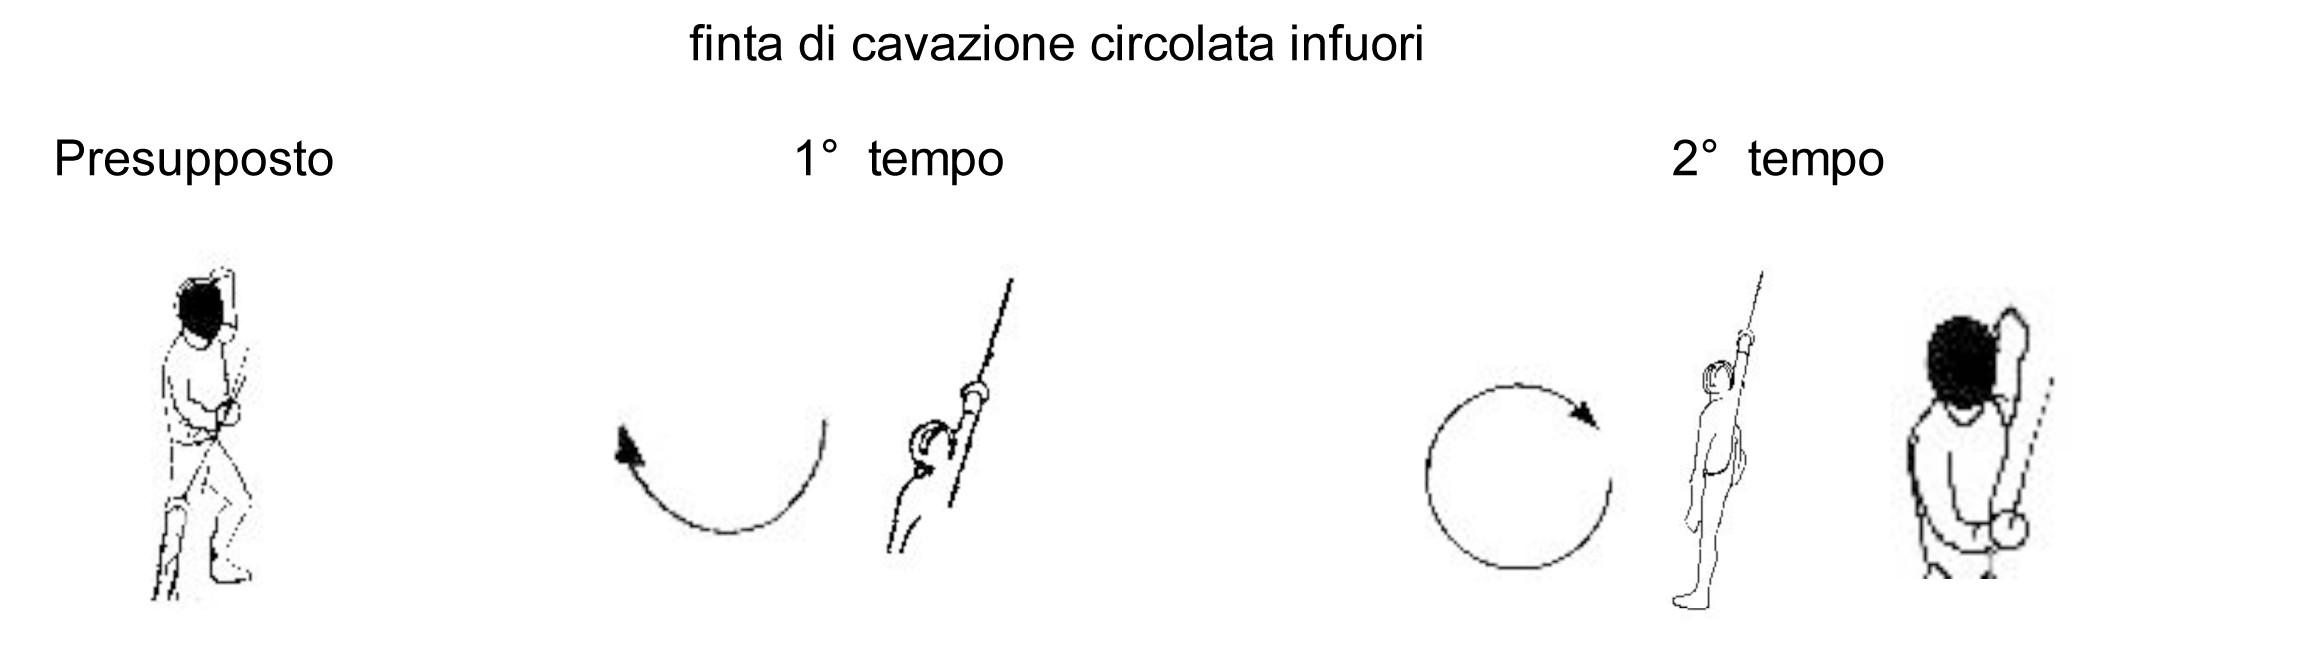 finta-di-cavazione-circolata-infuor1